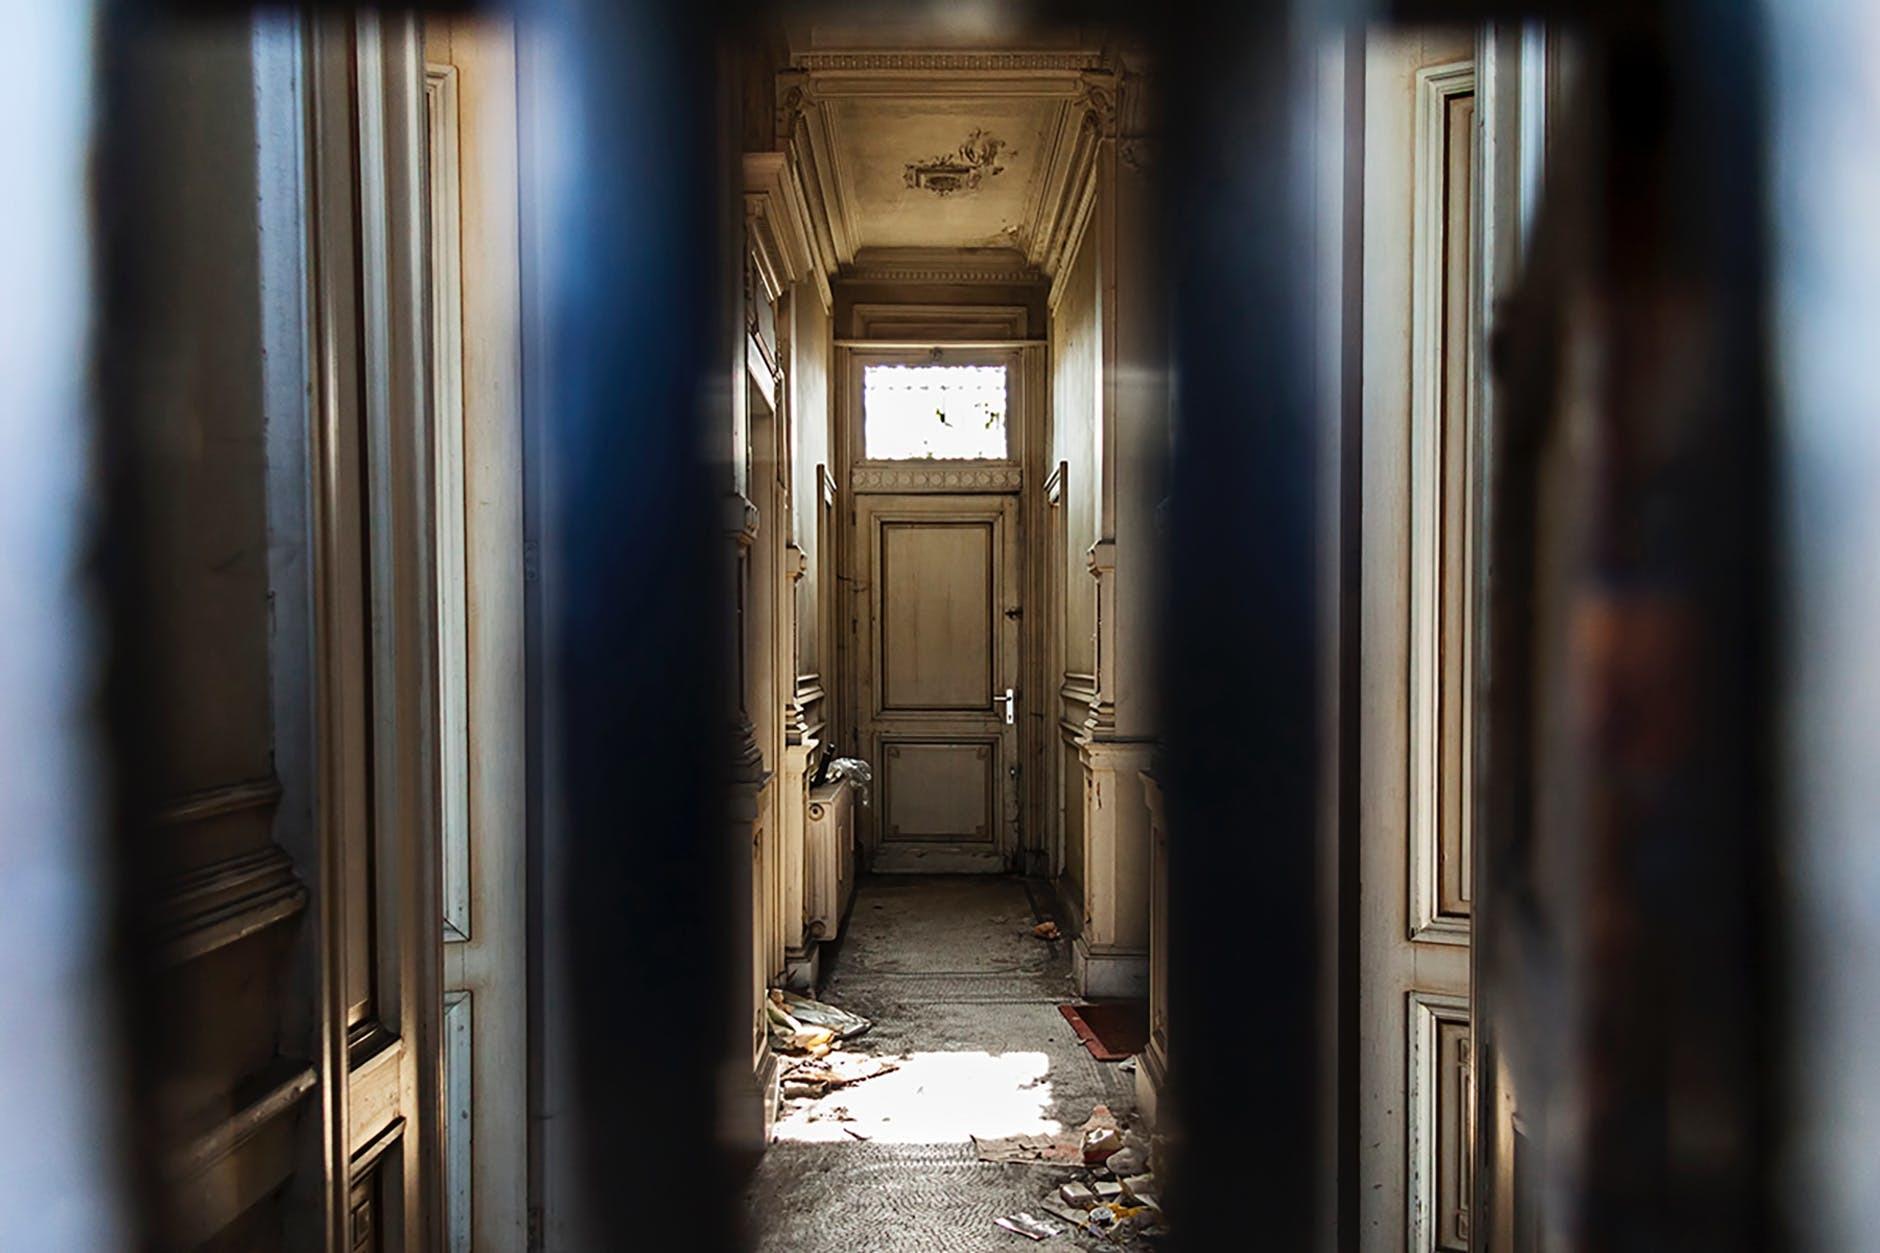 hallway with old door